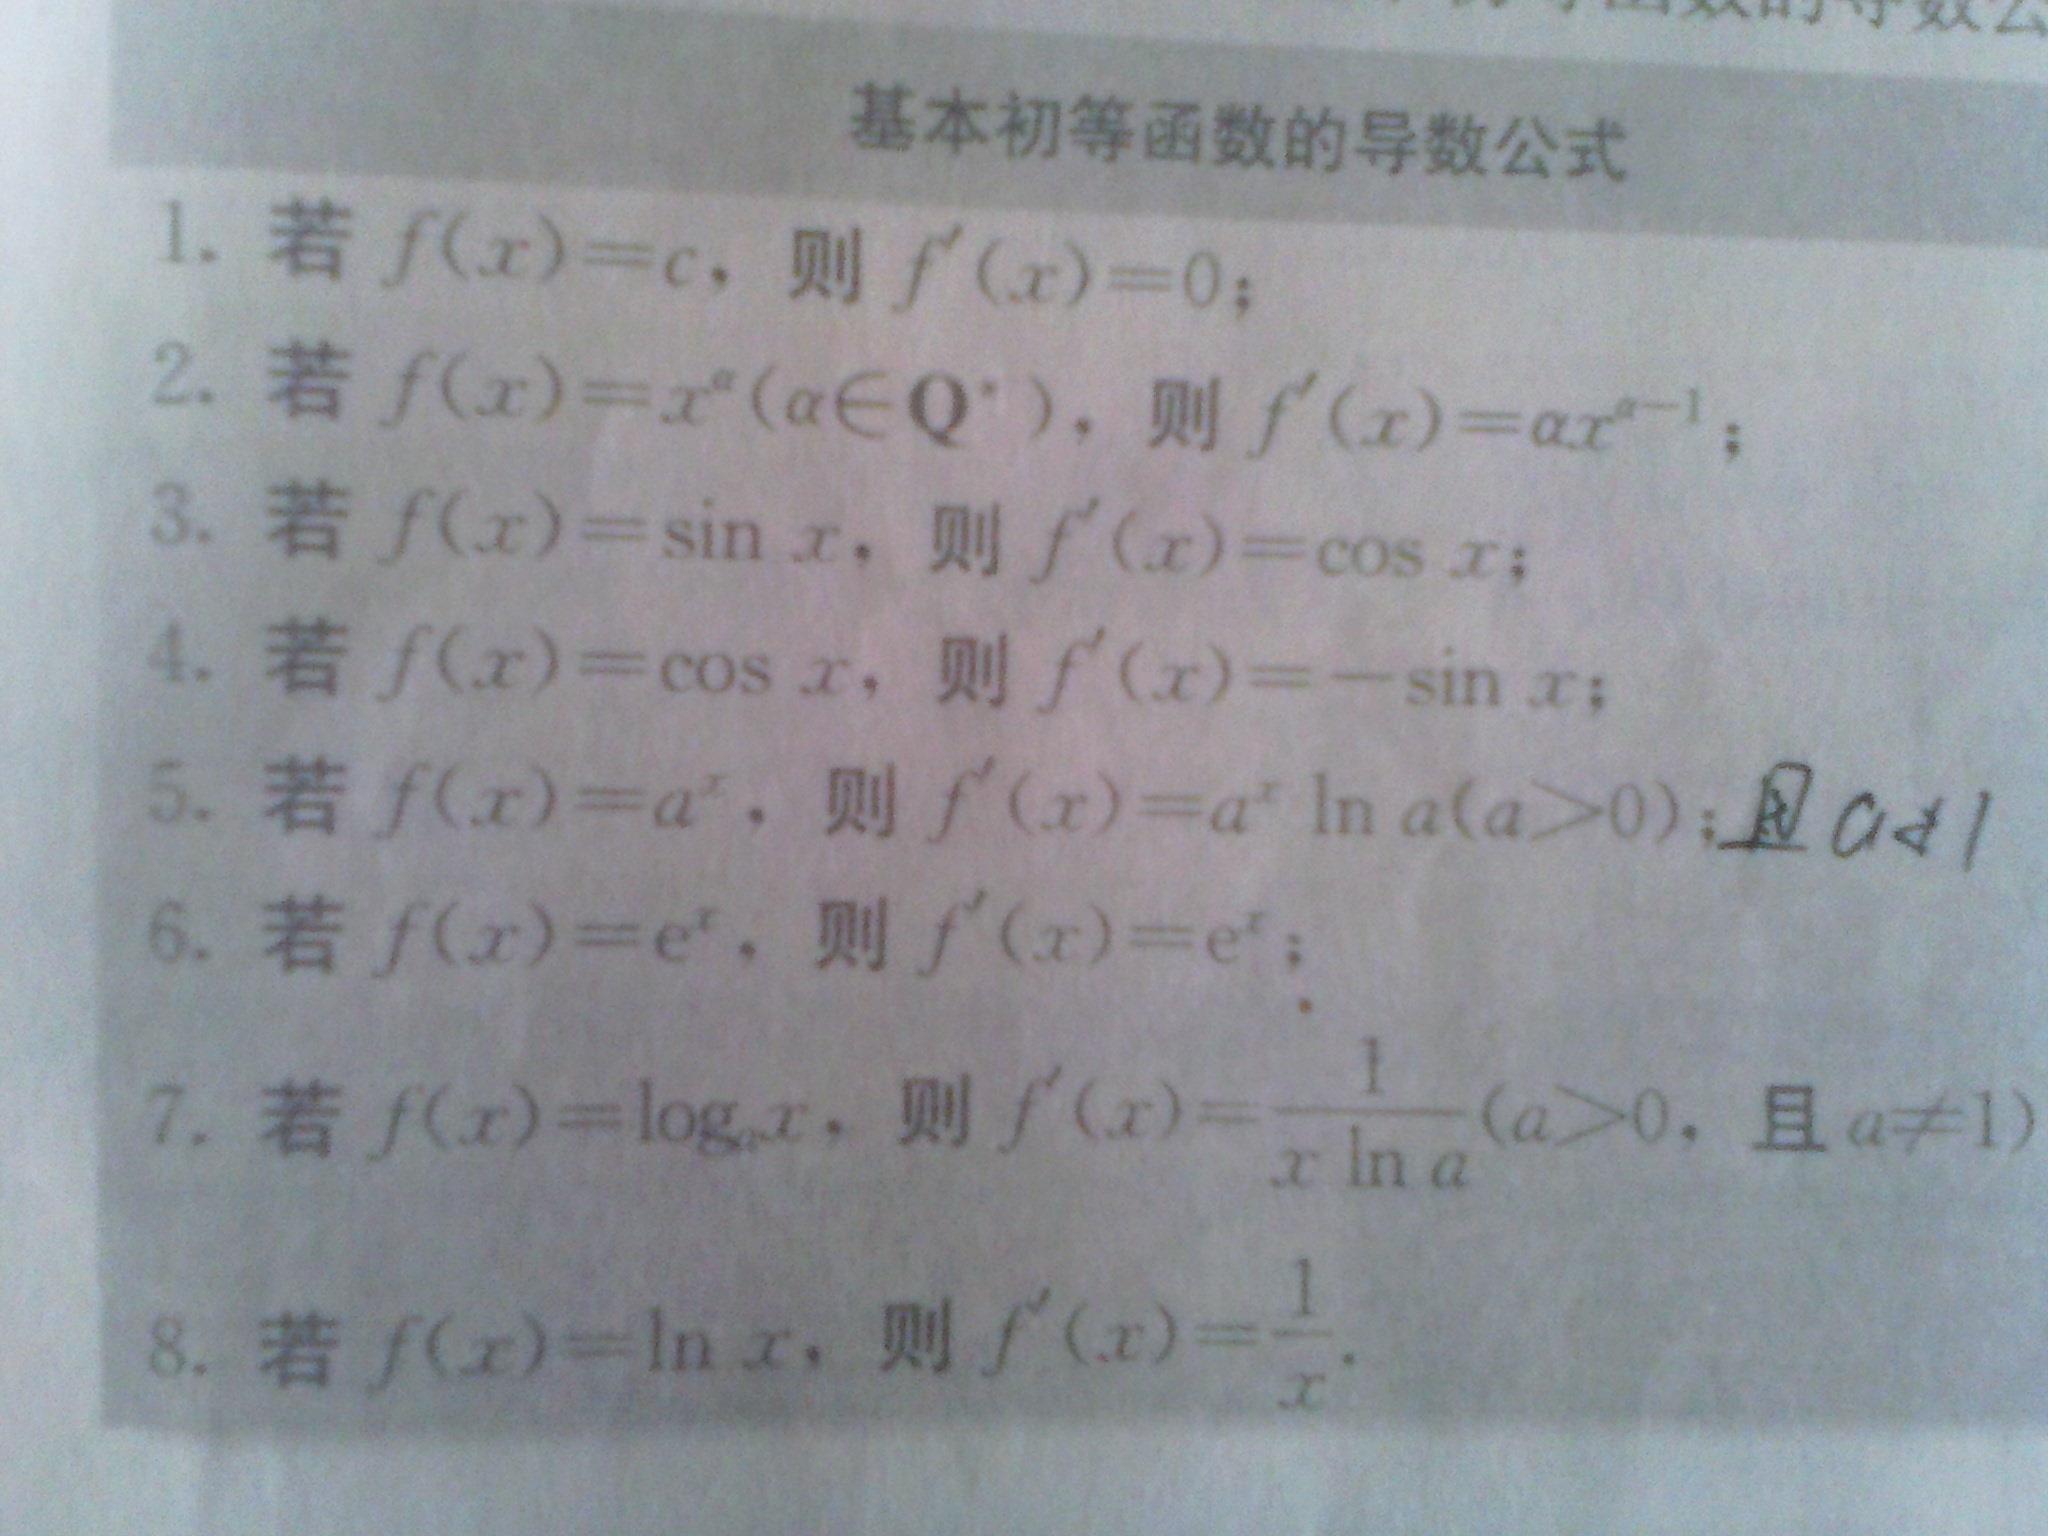 求导公式表 求圆柱的表面积公式 求圆锥的表面积公式图片